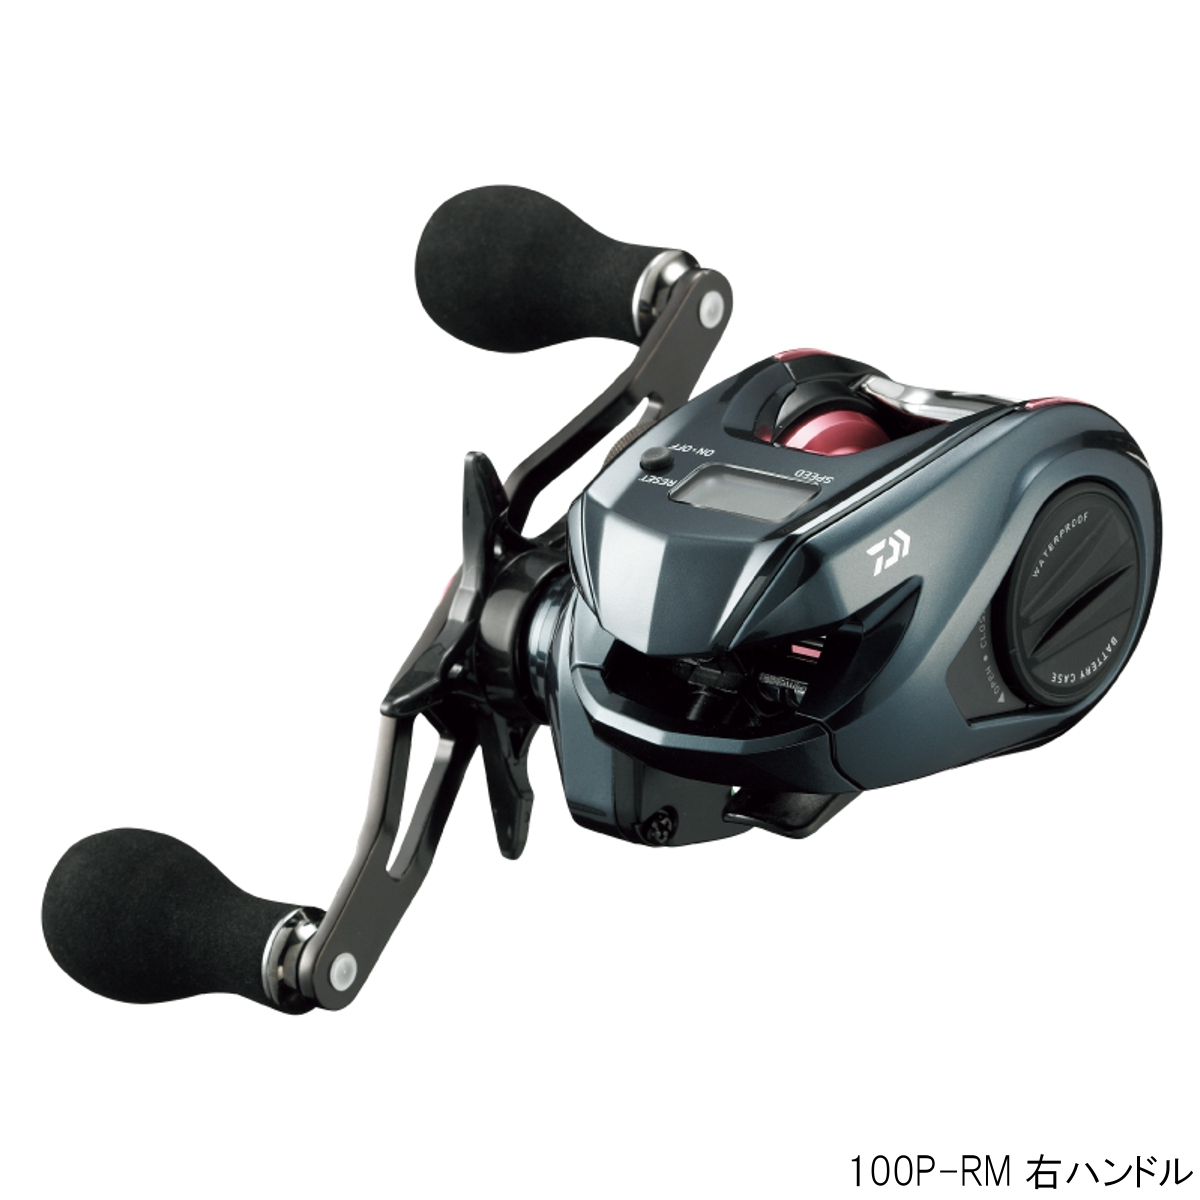 【5/10最大P45倍!】ダイワ 紅牙 IC 100P-RM 右ハンドル(東日本店)